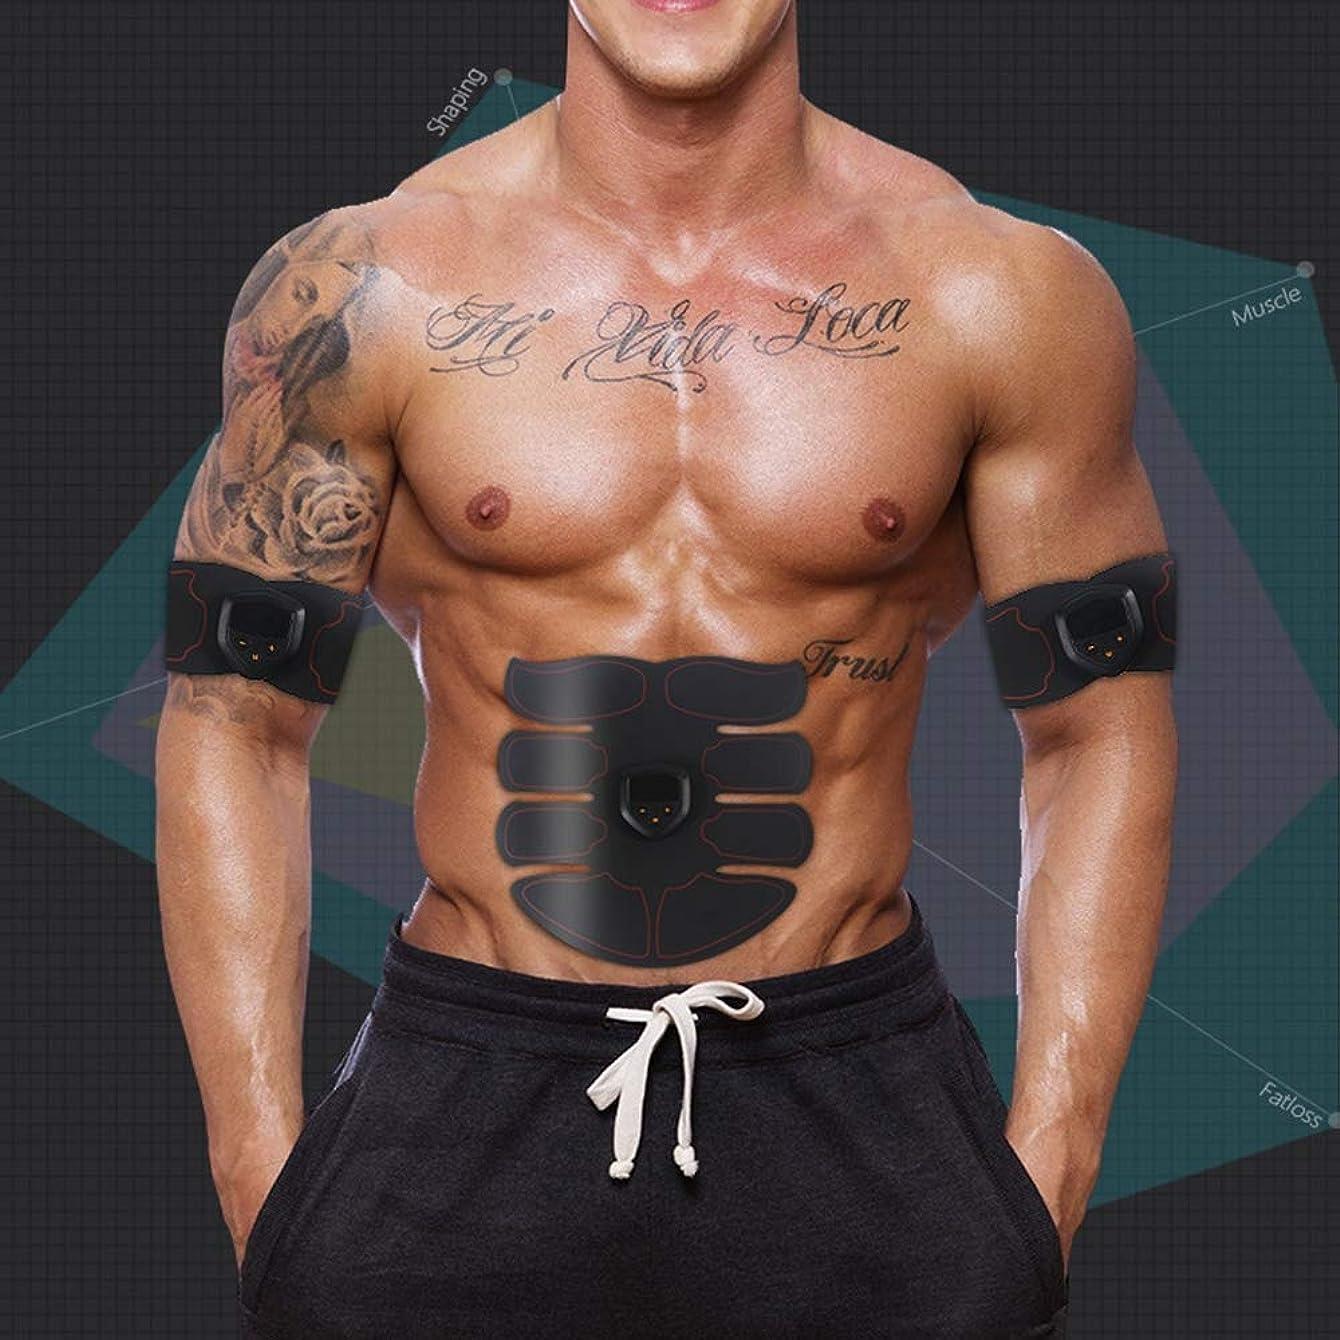 コーンウォール市民酸度スマート腹部usb充電式筋肉刺激装置ems absトレーナー減量機フルウエストスポーツマッサージャーユニセックスフィットネス機器